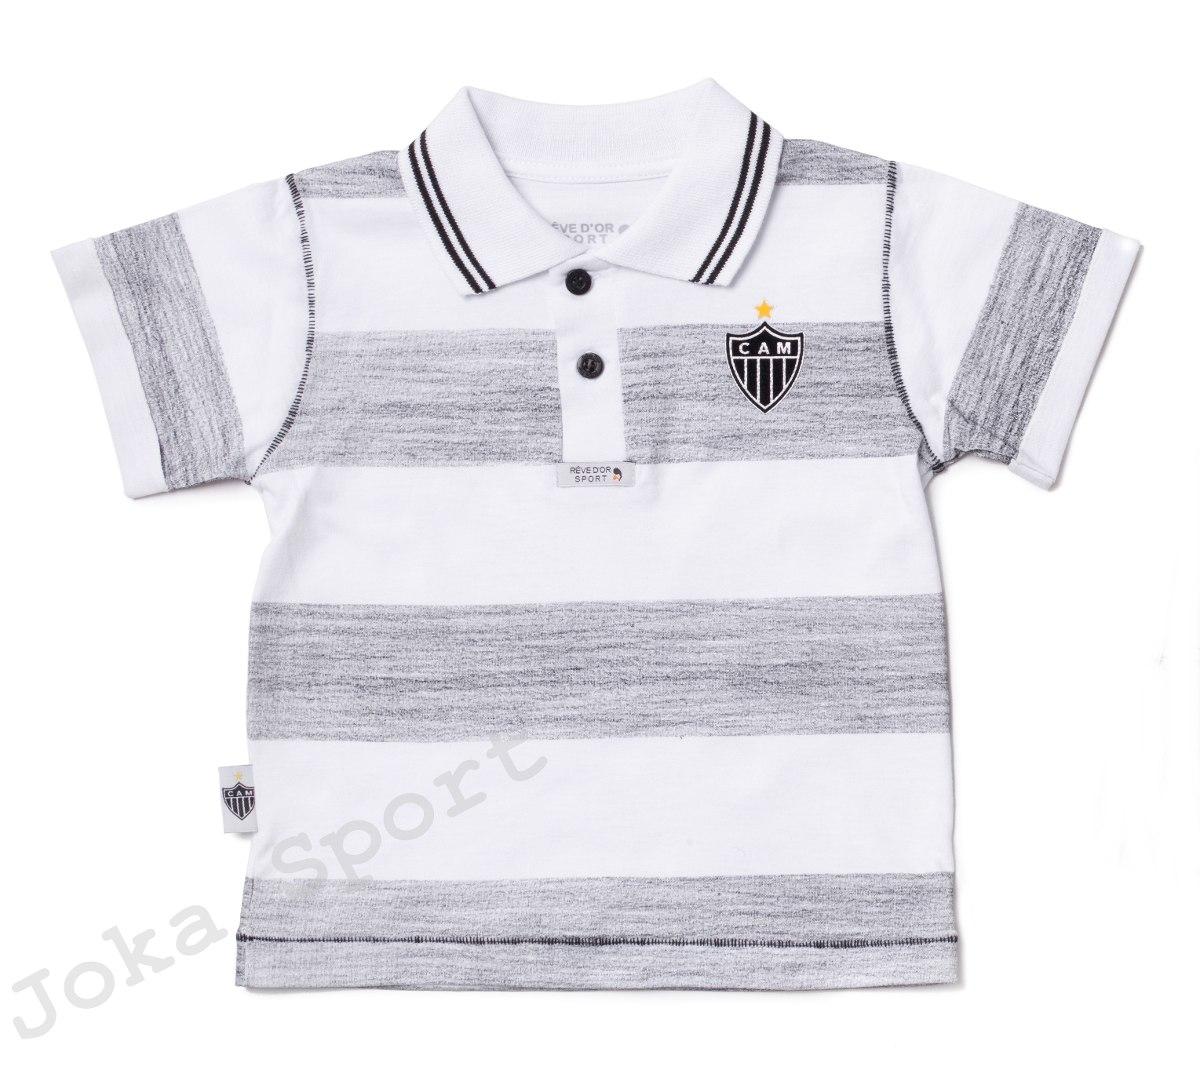 ec2ae748d Camisa Atlético Mg Infantil